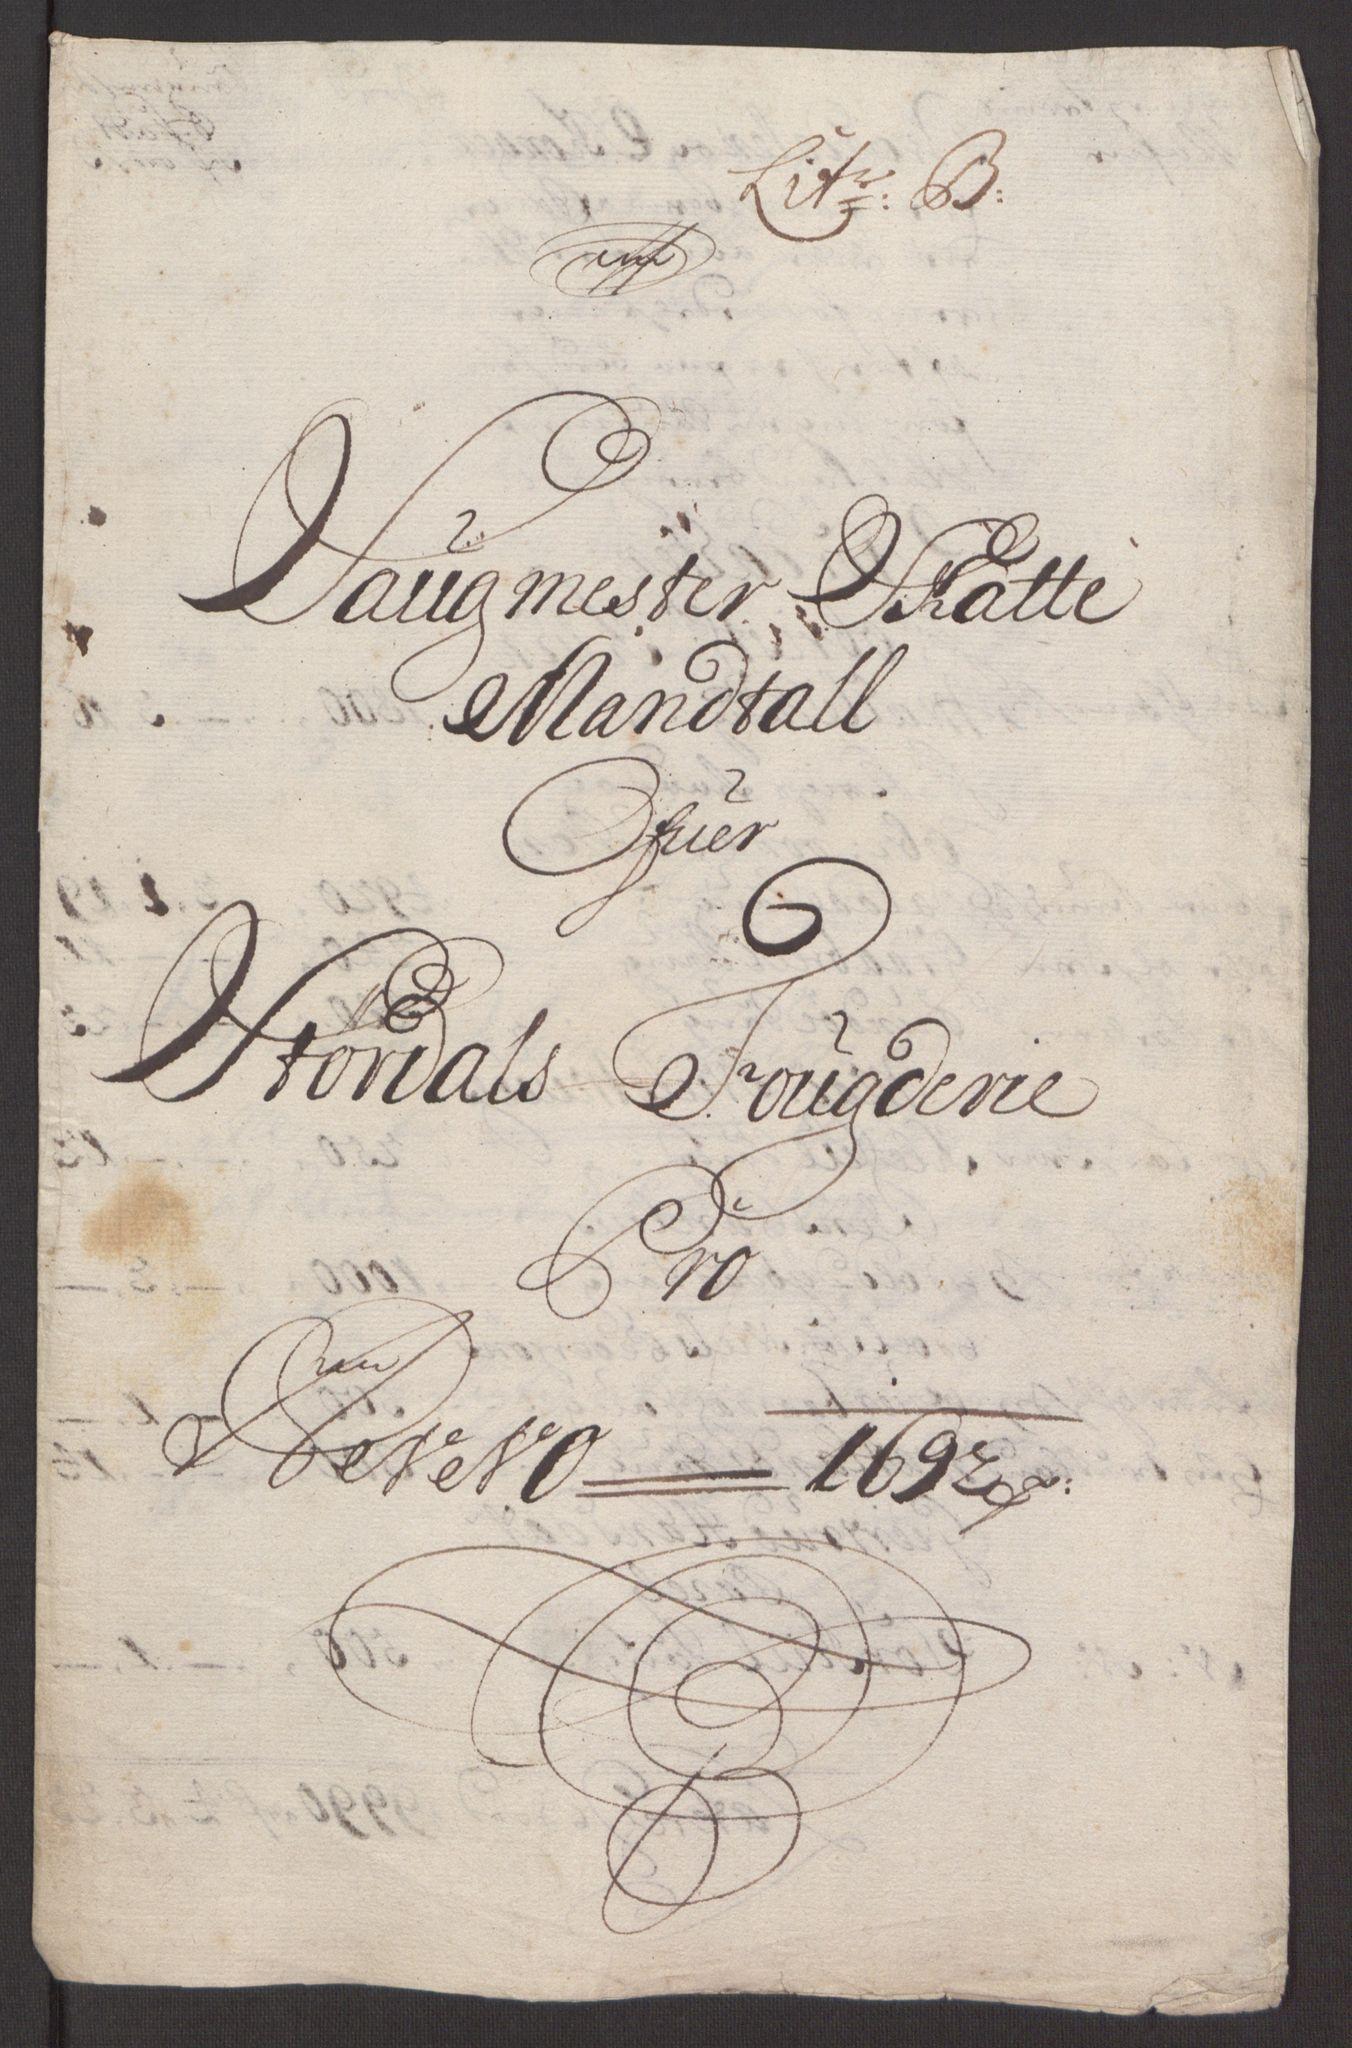 RA, Rentekammeret inntil 1814, Reviderte regnskaper, Fogderegnskap, R62/L4185: Fogderegnskap Stjørdal og Verdal, 1692, s. 84